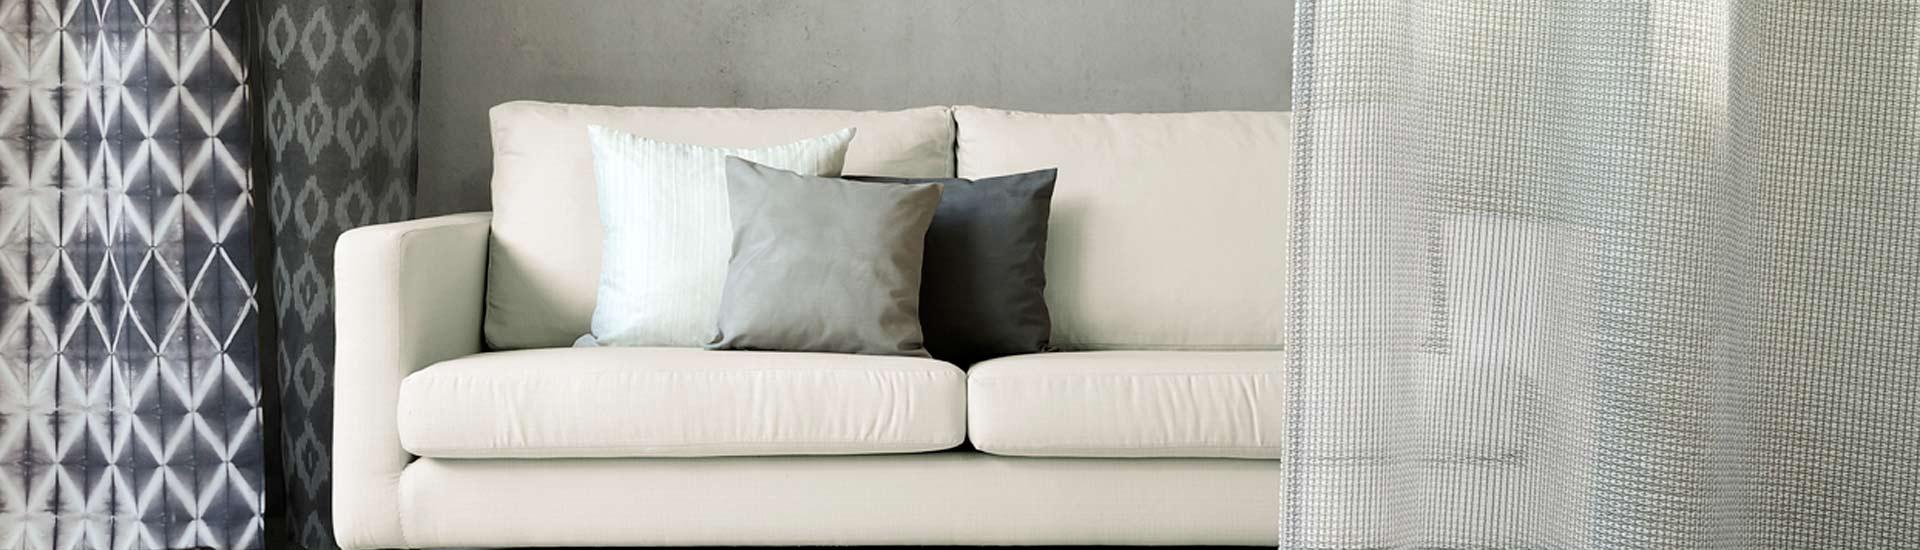 gardinen braunschweig raumausstatter dieckmann gardinen. Black Bedroom Furniture Sets. Home Design Ideas